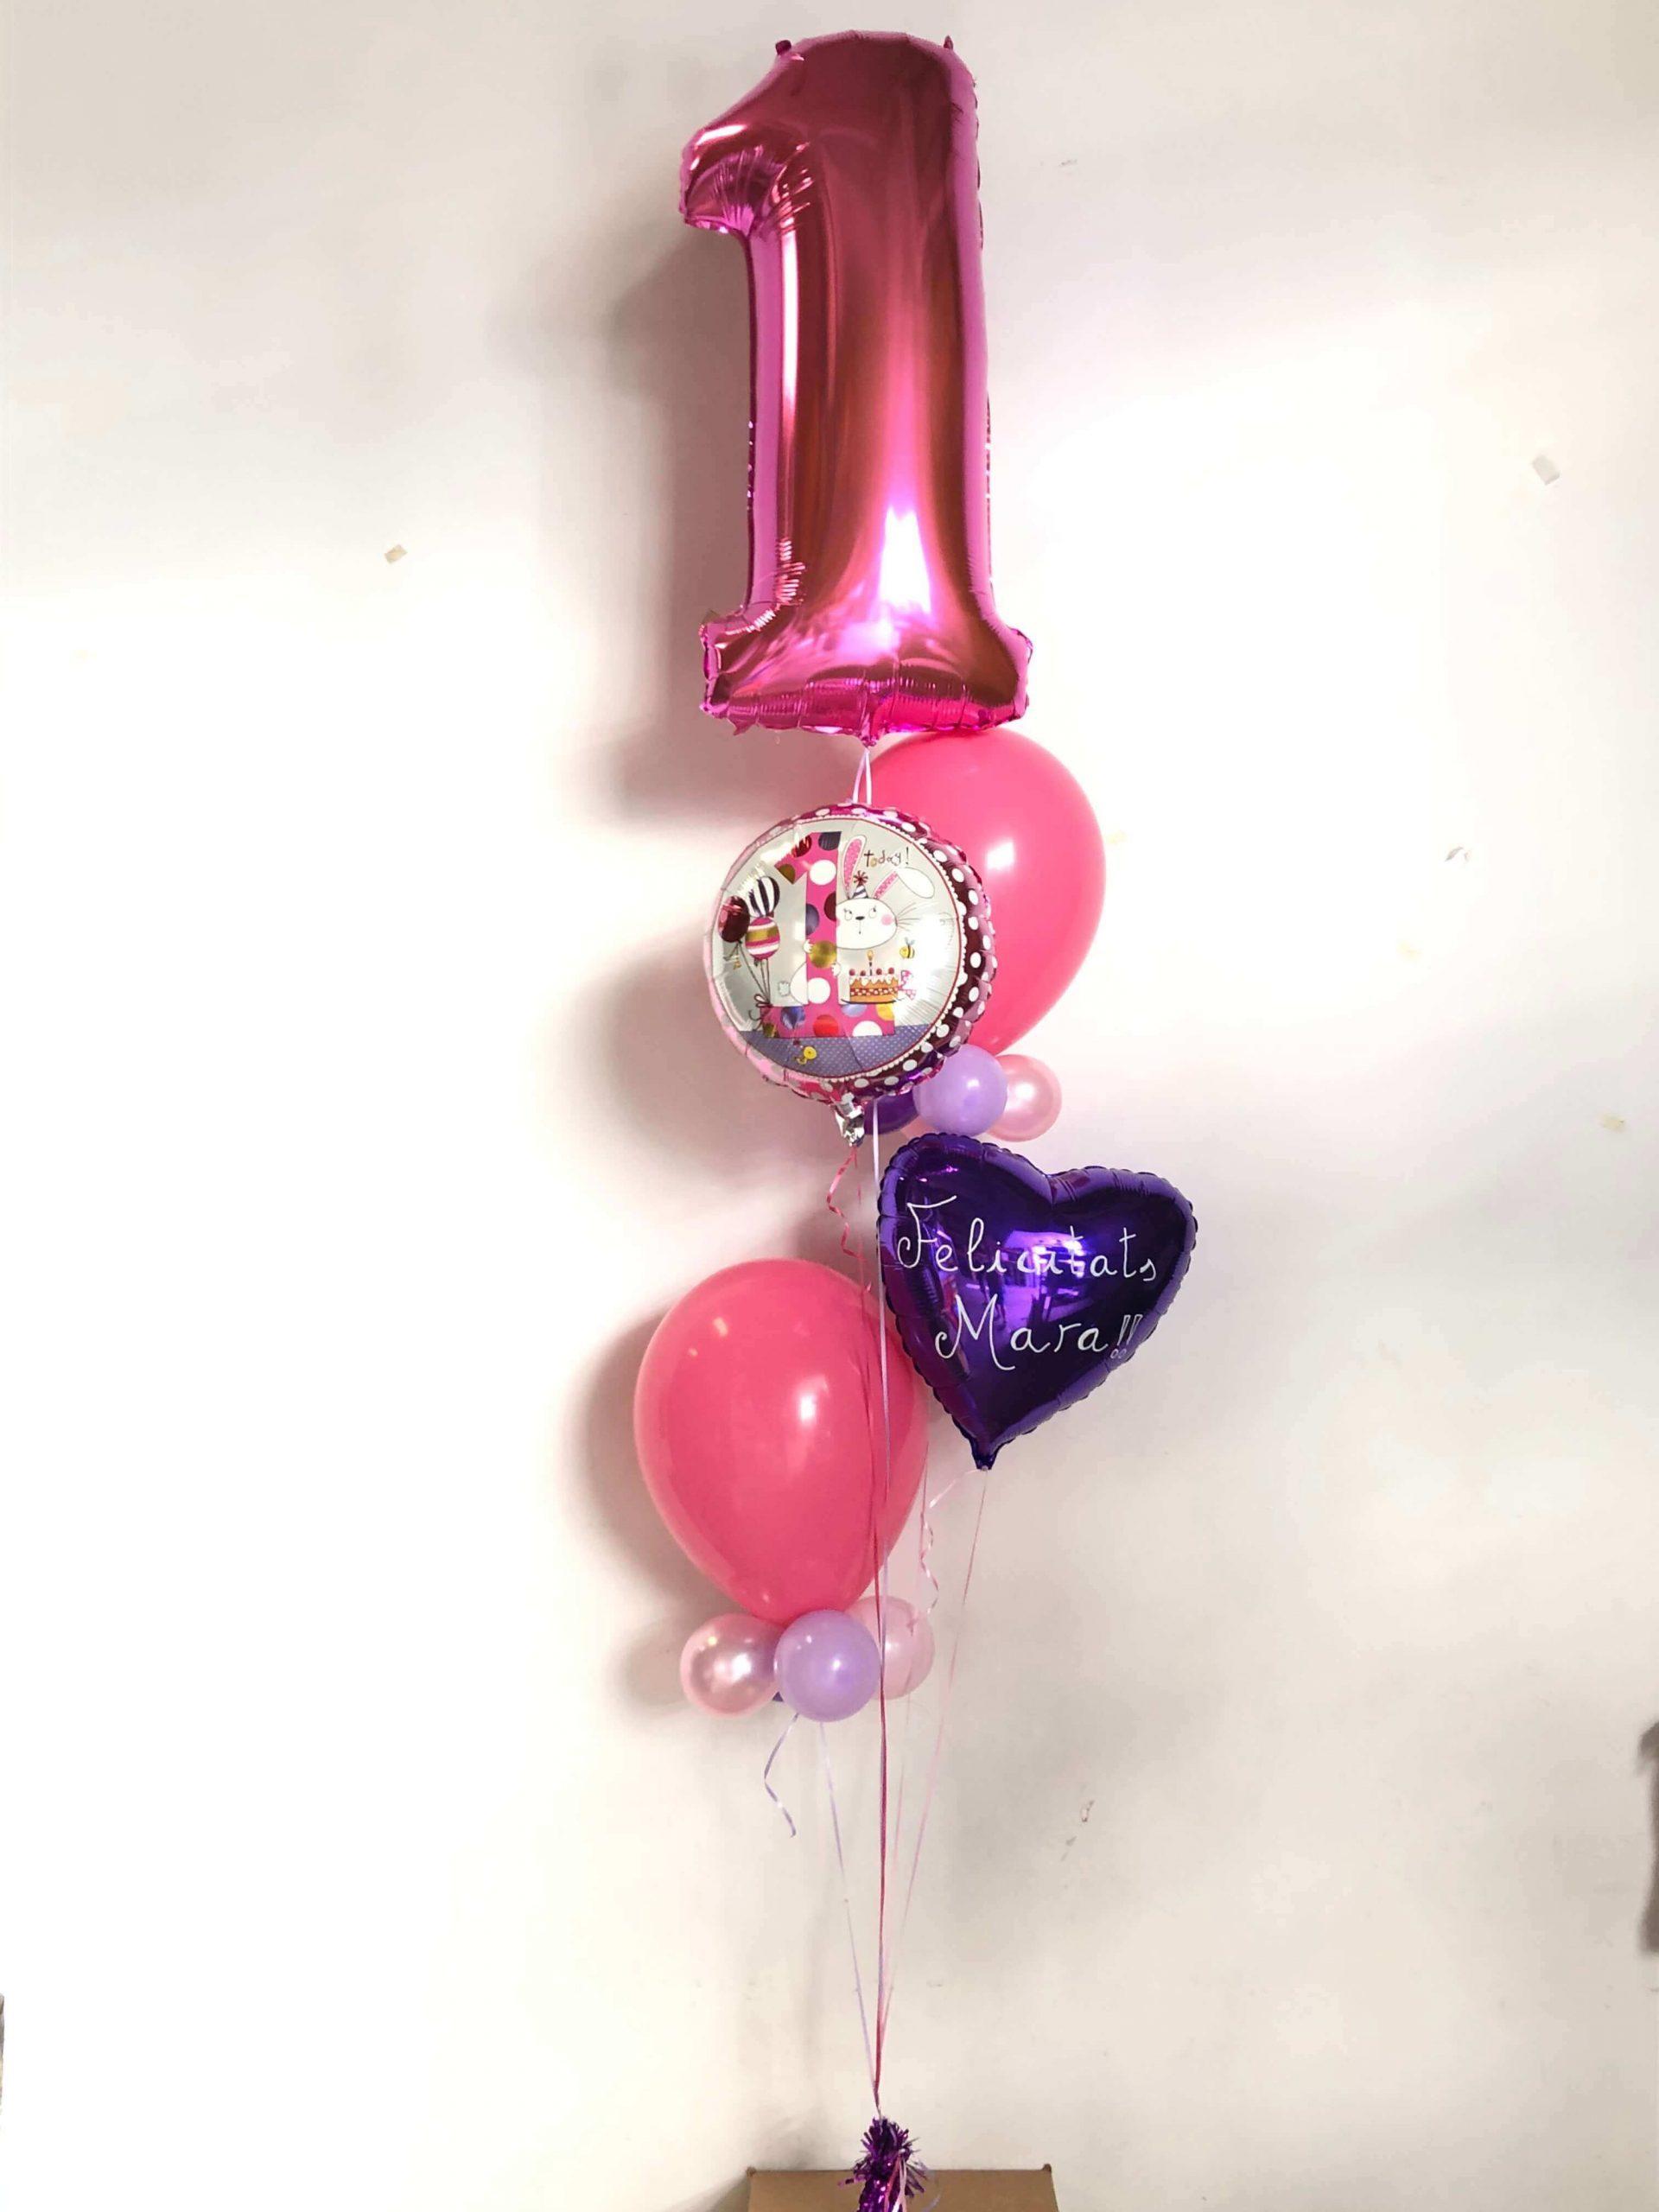 Bouquet de globos primer aniversario. Ref 309